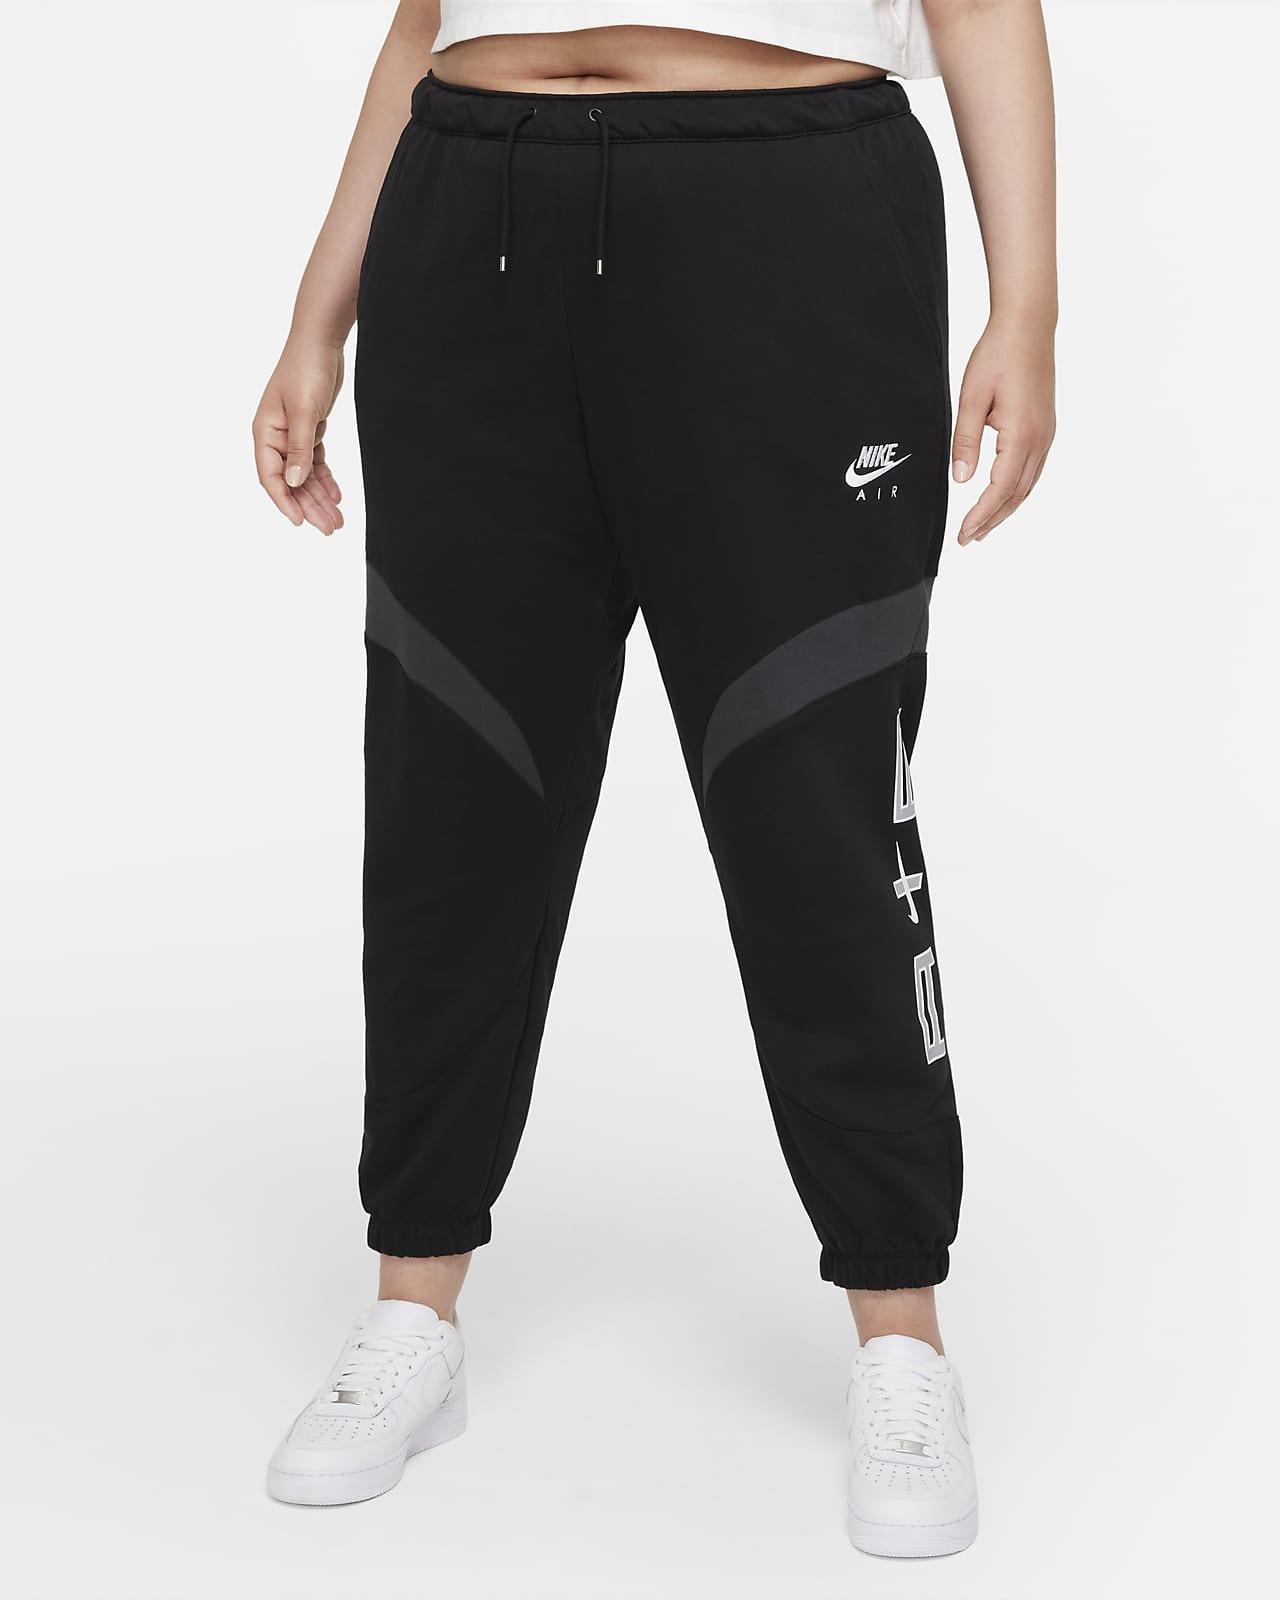 Pantaloni jogger Nike Air (Plus size) - Donna